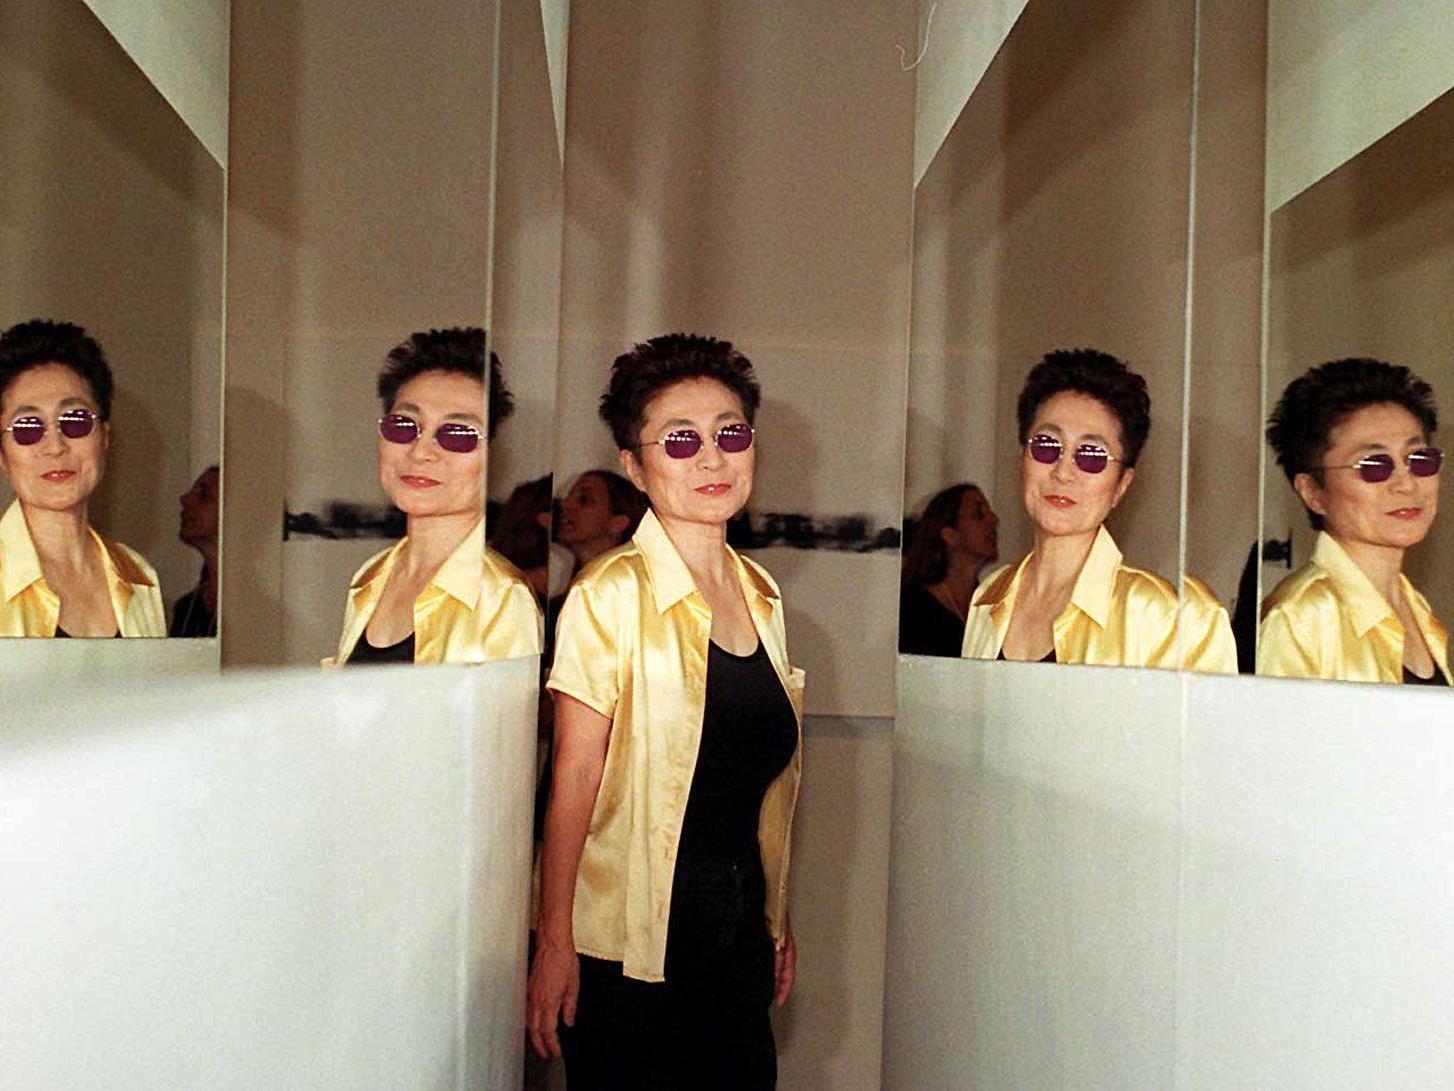 Yoko Ono erhält den Theodor-Wanner-Preis für ihr Friedensengagement.